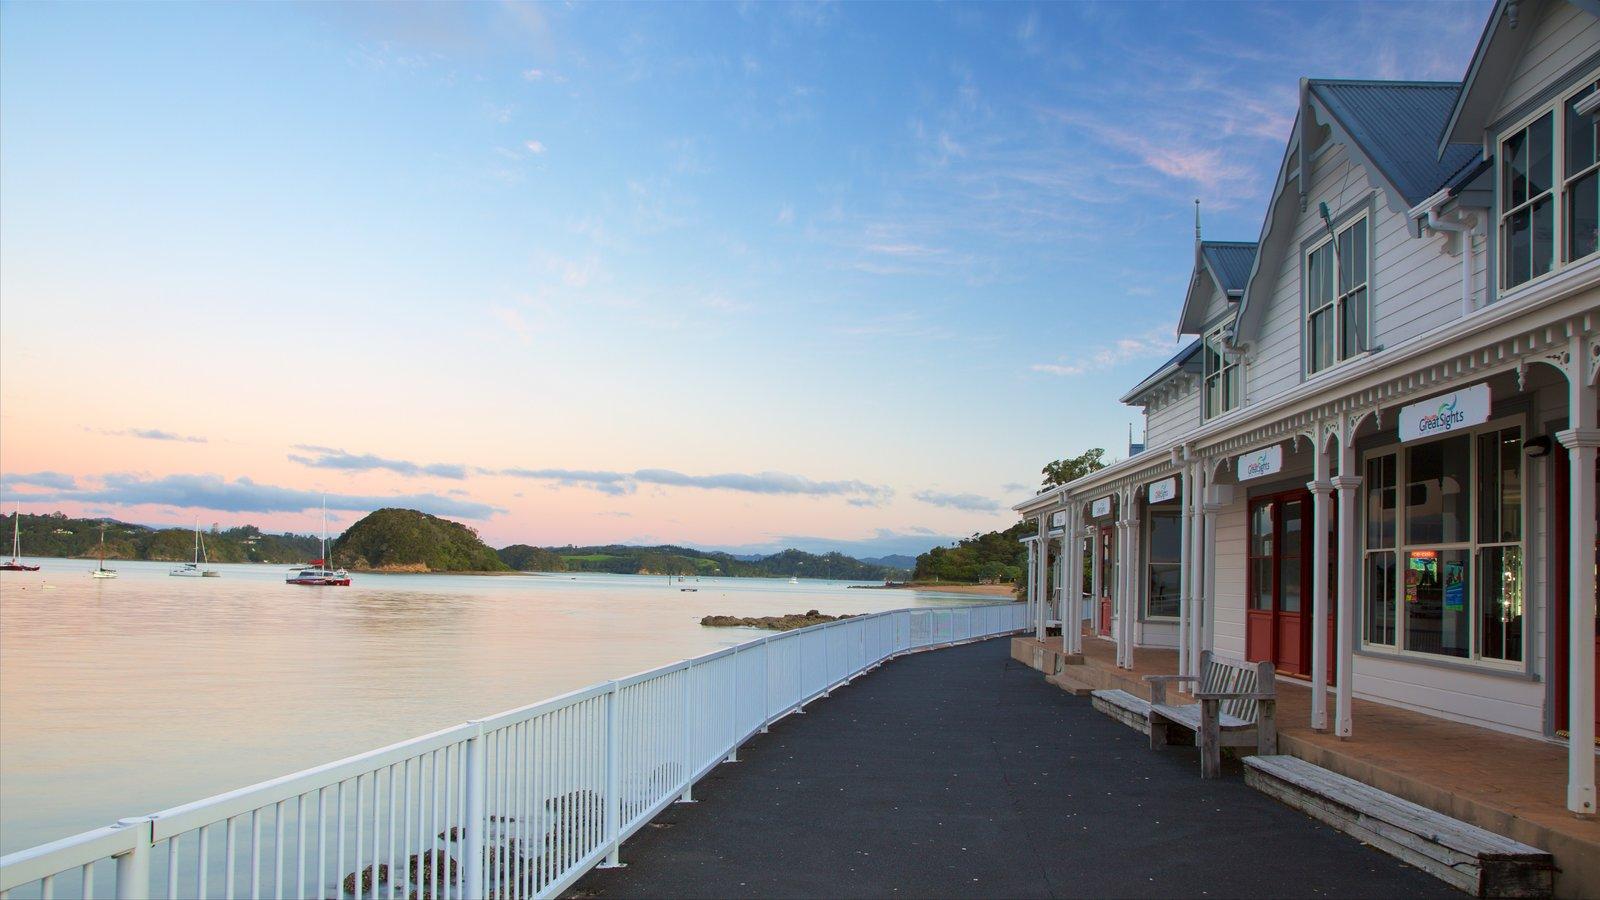 Muelle Paihia ofreciendo una ciudad costera, una puesta de sol y una bahía o puerto